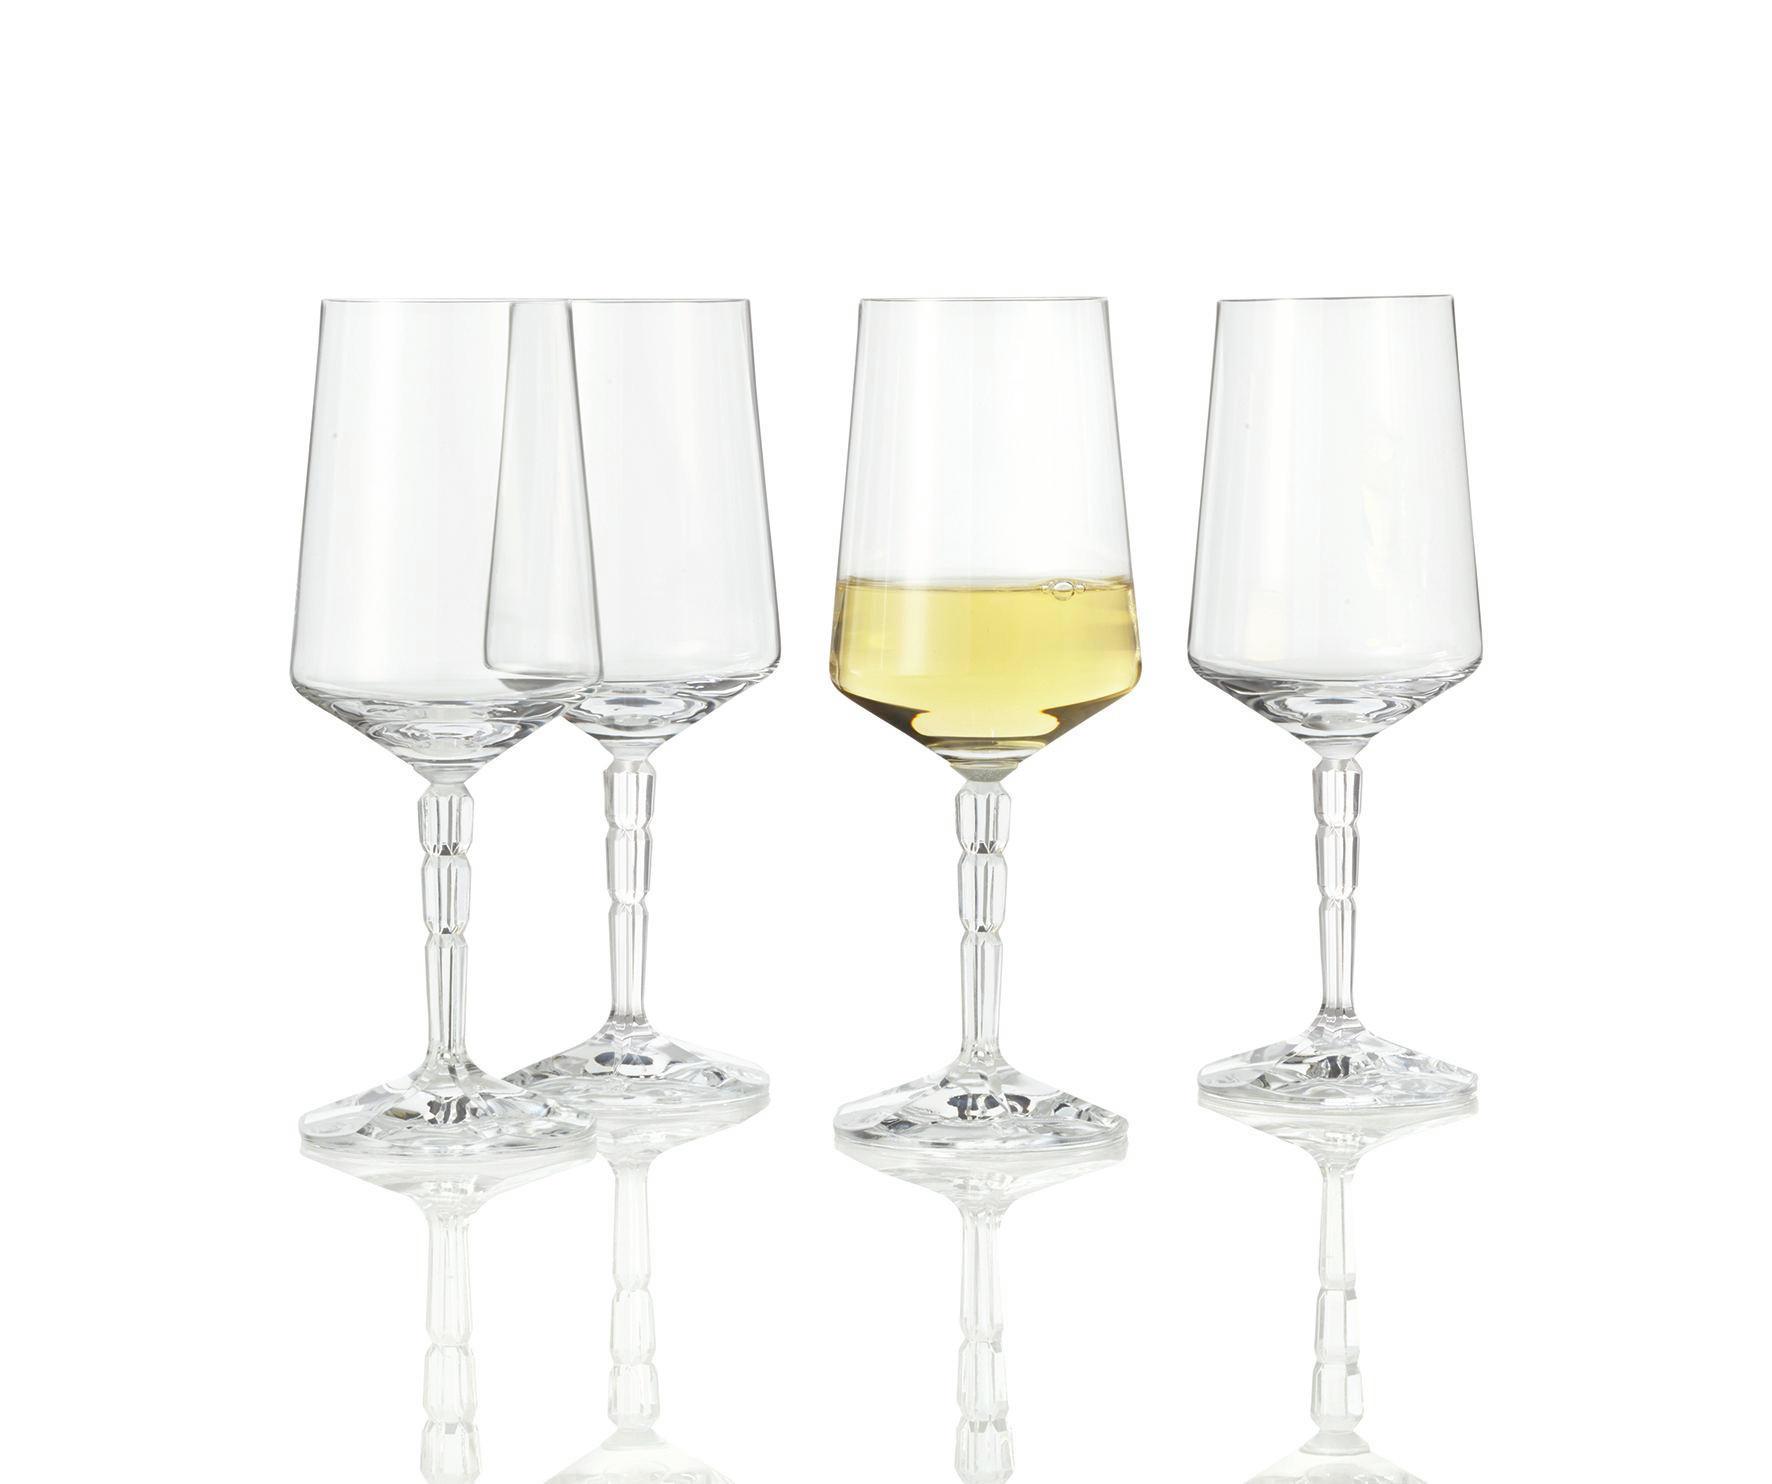 WEIßWEINGLAS - Transparent, Glas (7,20/19,20/7,20cm) - LEONARDO